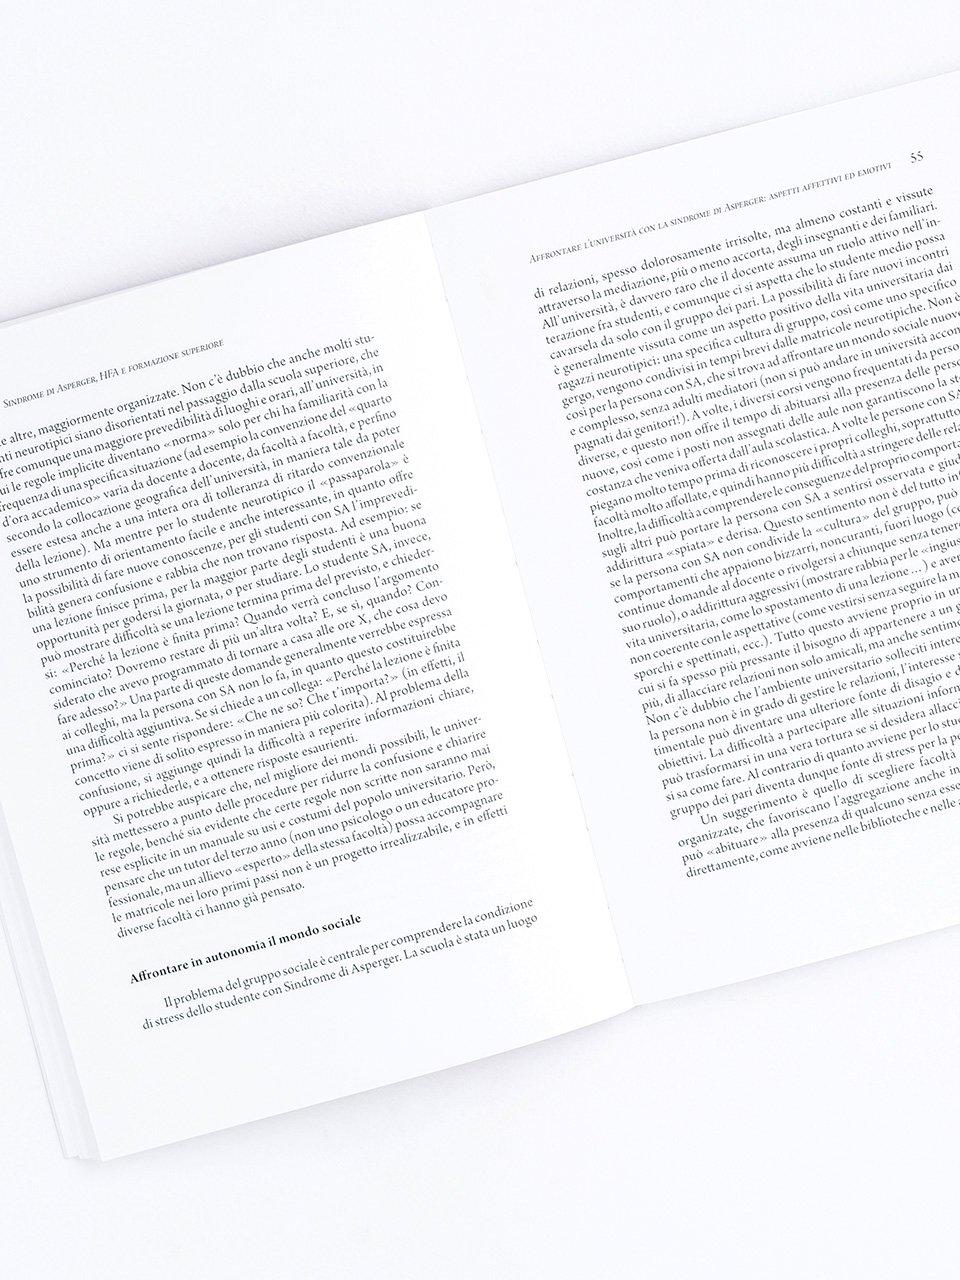 Sindrome di Asperger, HFA e formazione superiore - Libri - Erickson 2